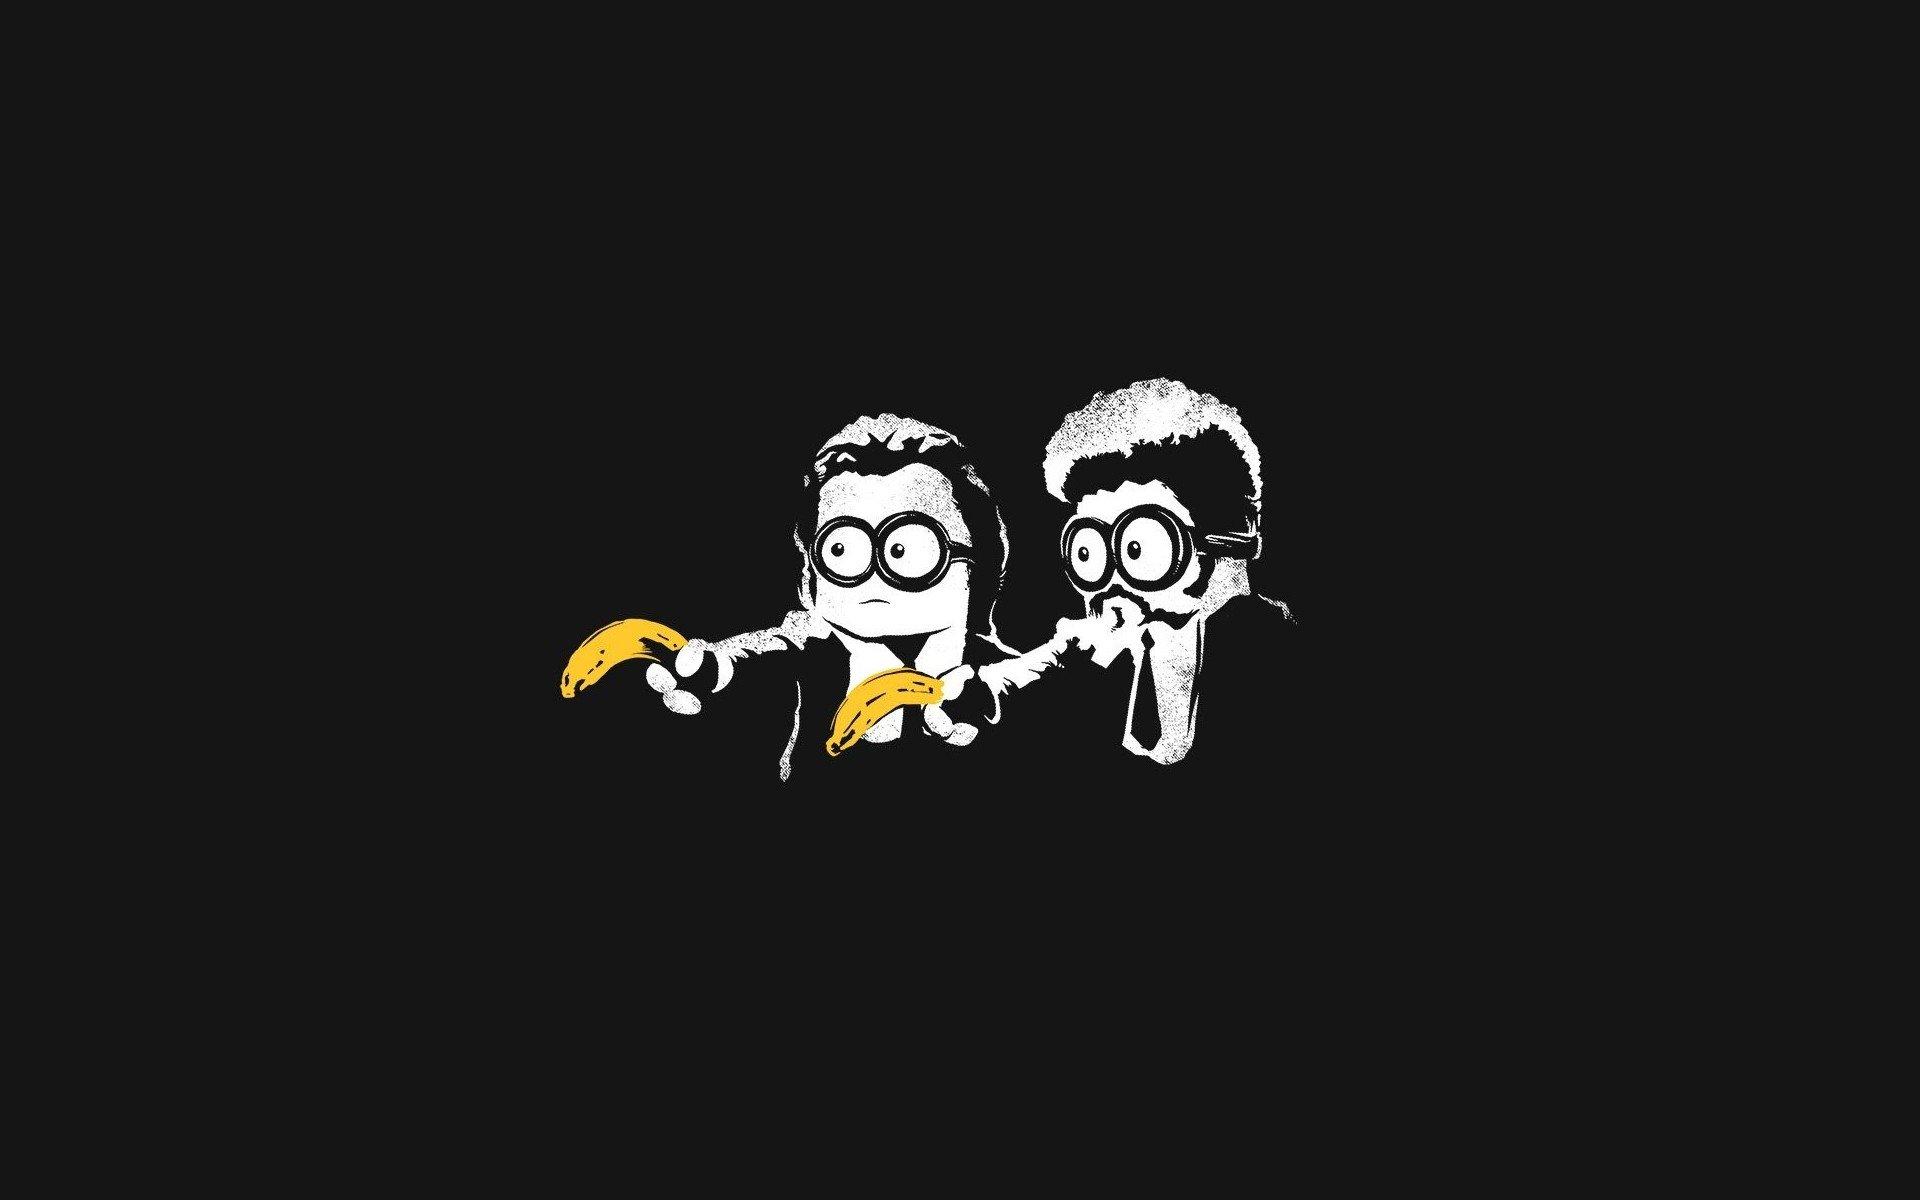 minions, Minimalism, Black, Pulp Fiction, Bananas, Pulp Fiction (parody), Parody, Mix up Wallpaper